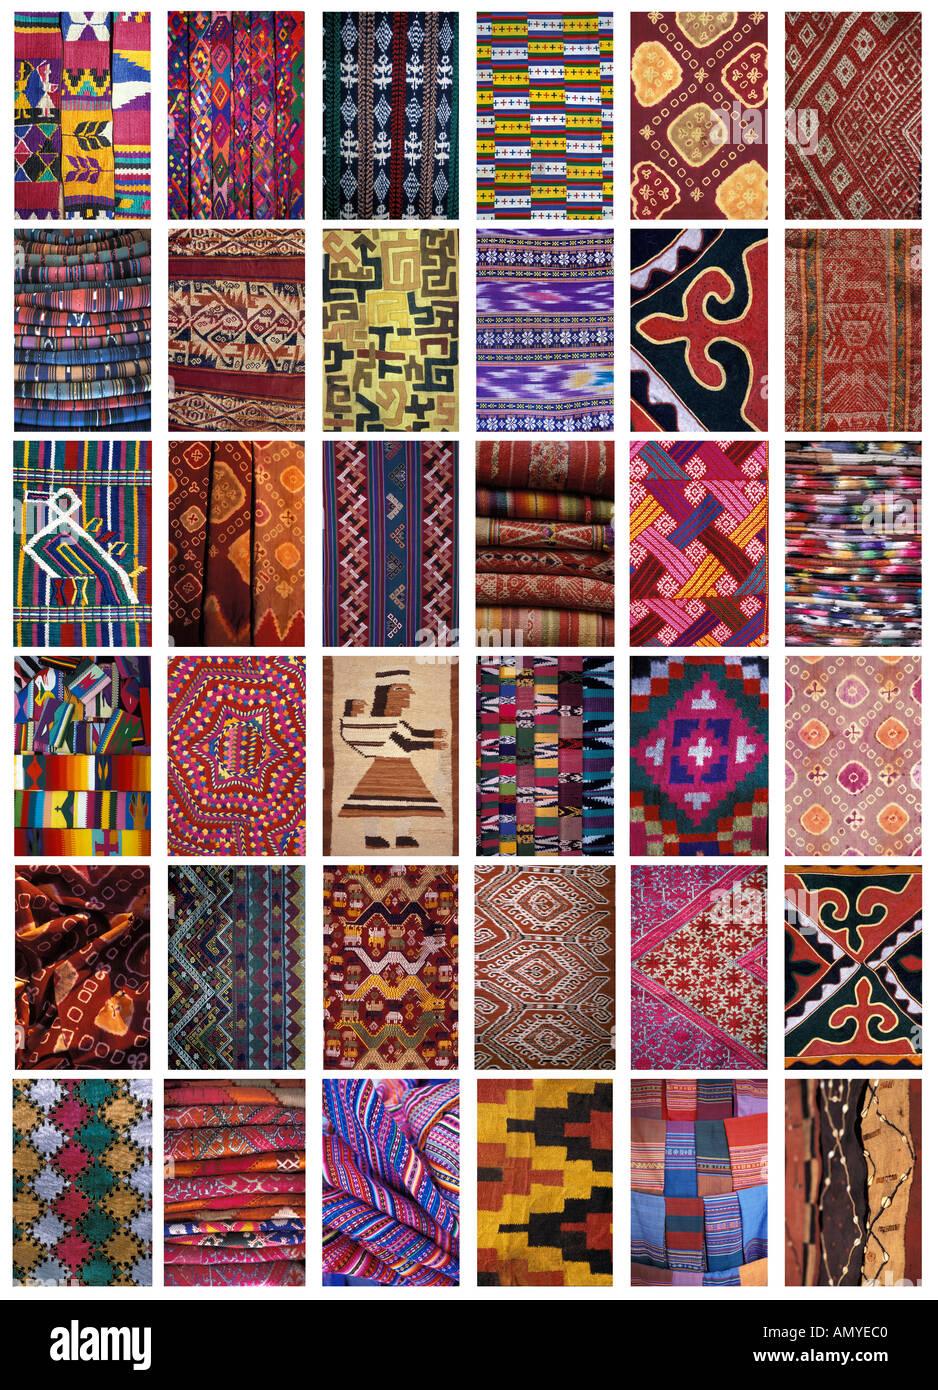 Collage de 36 motifs textiles de partout dans le monde en Asie et en Amérique latine l'image grand format Photo Stock